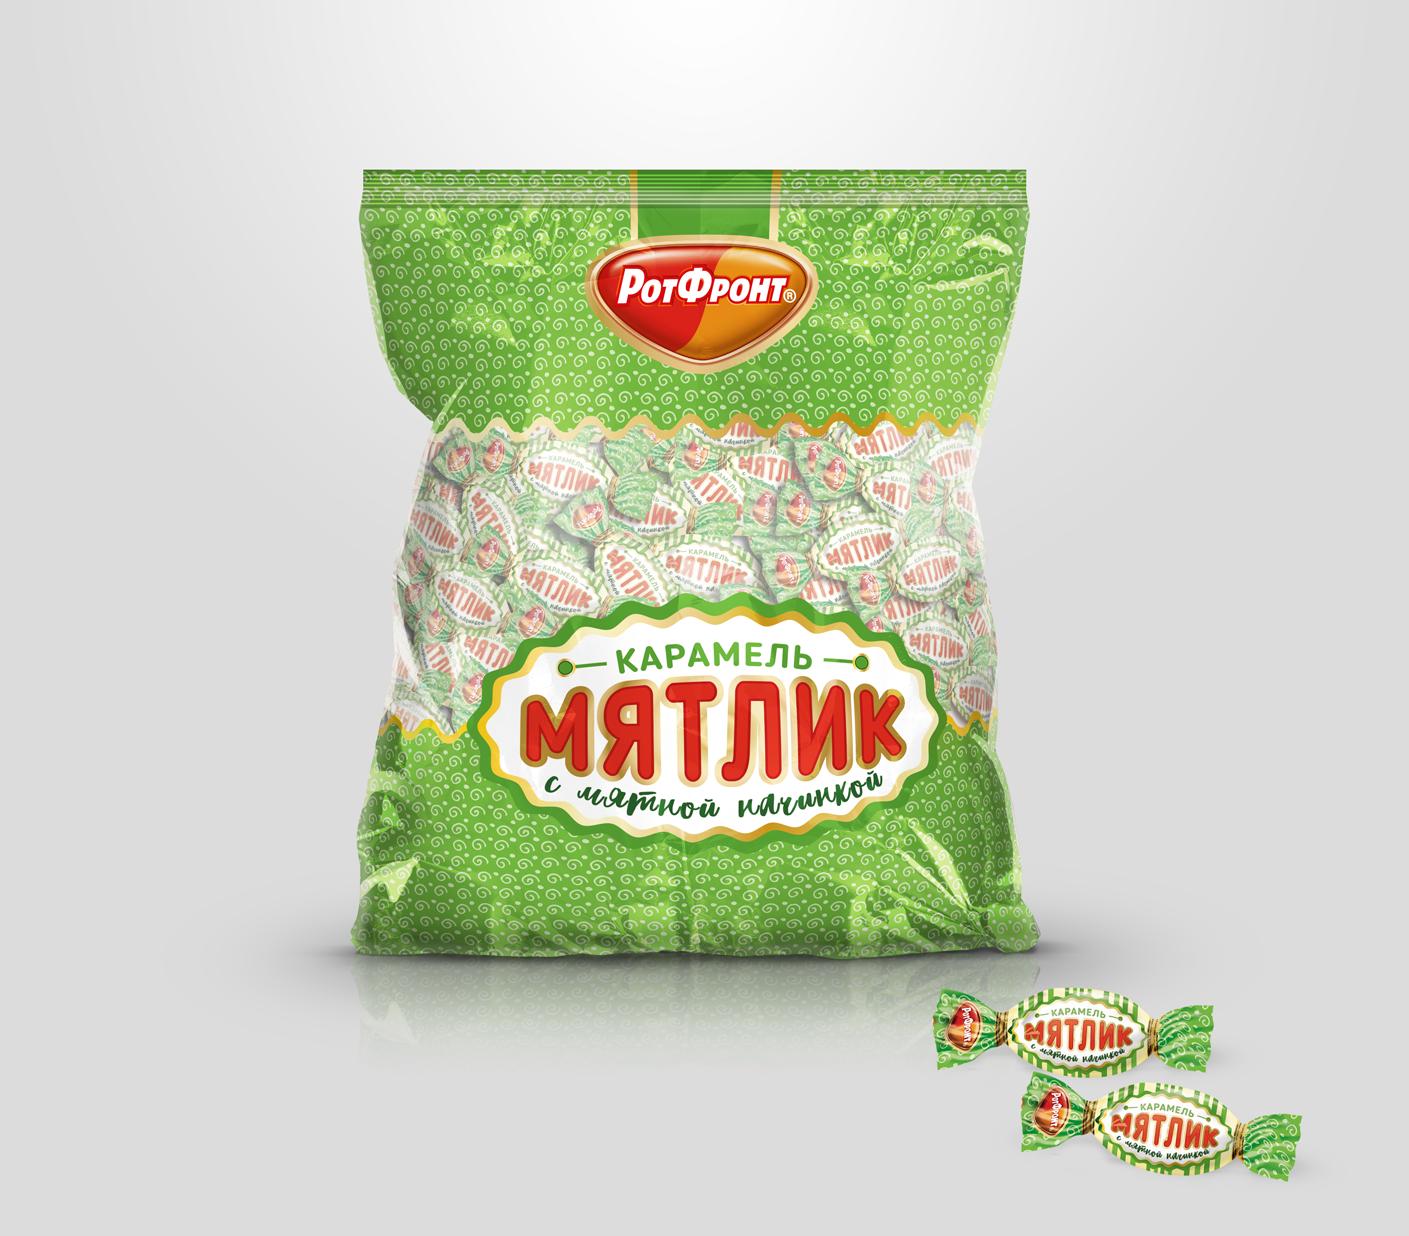 Разработка дизайна упаковки для мятной карамели от Рот Фронт фото f_82959e69dec285fc.png